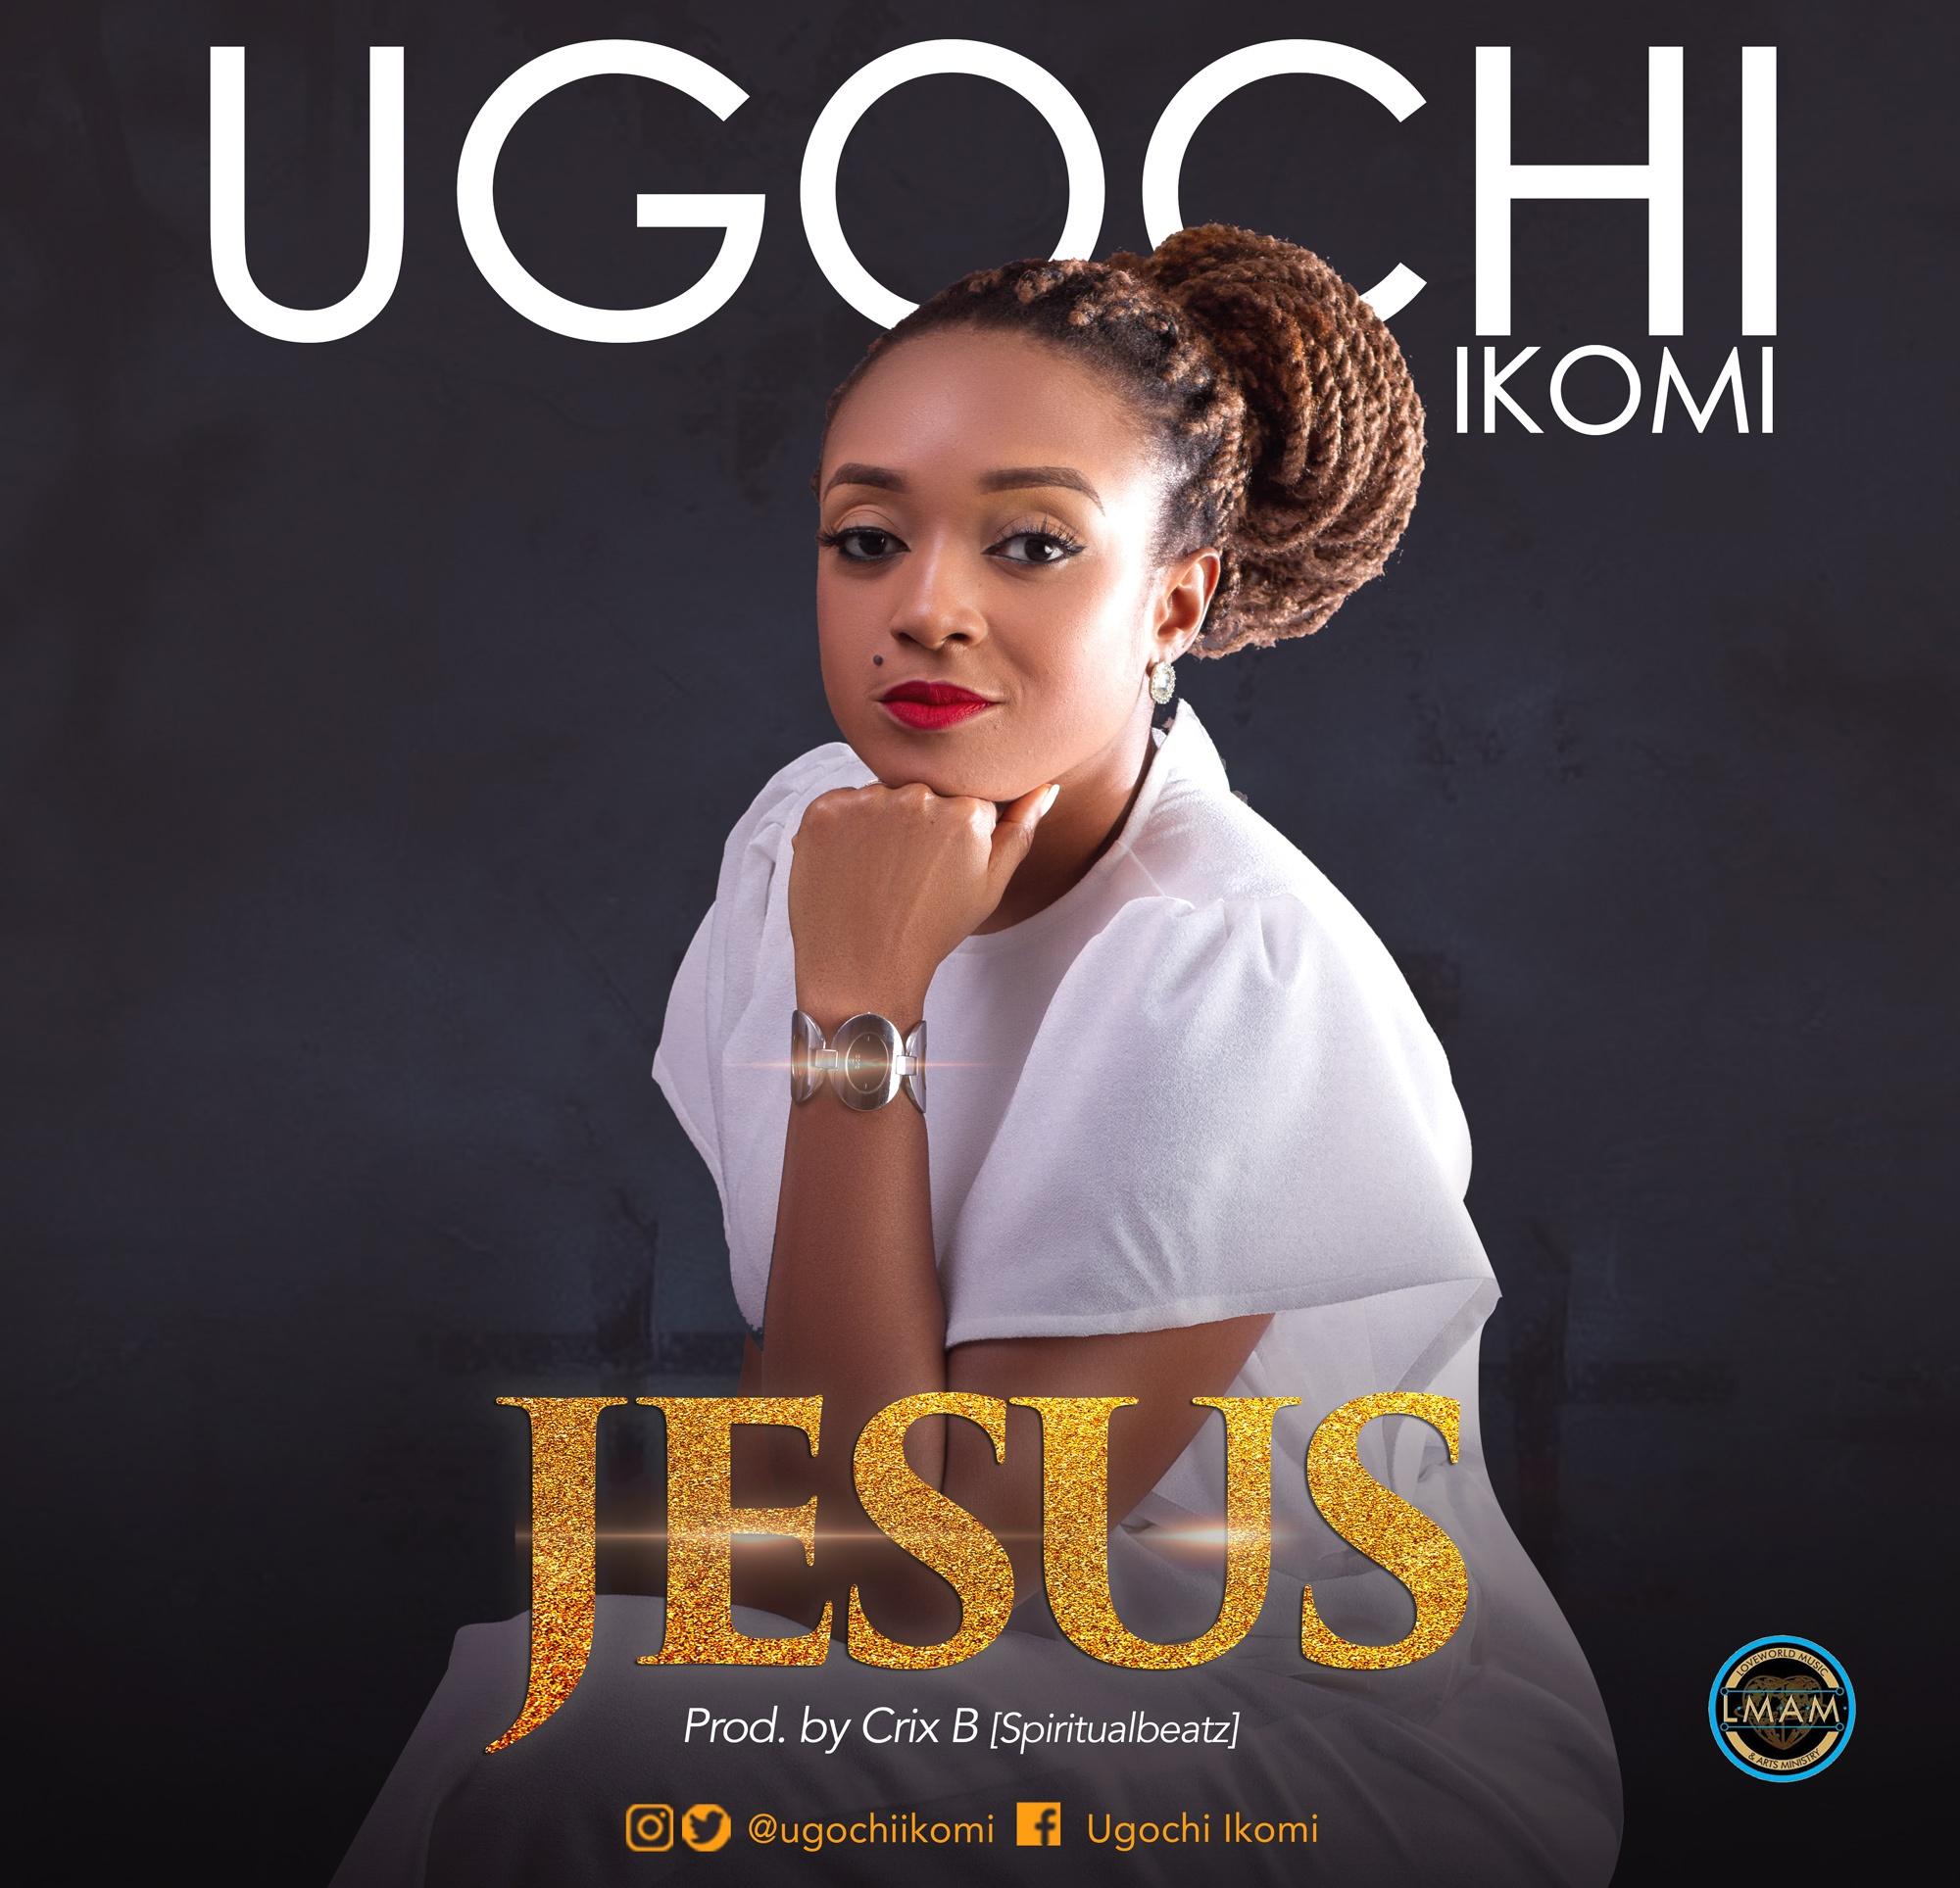 Jesus - Ugochi Ikomi